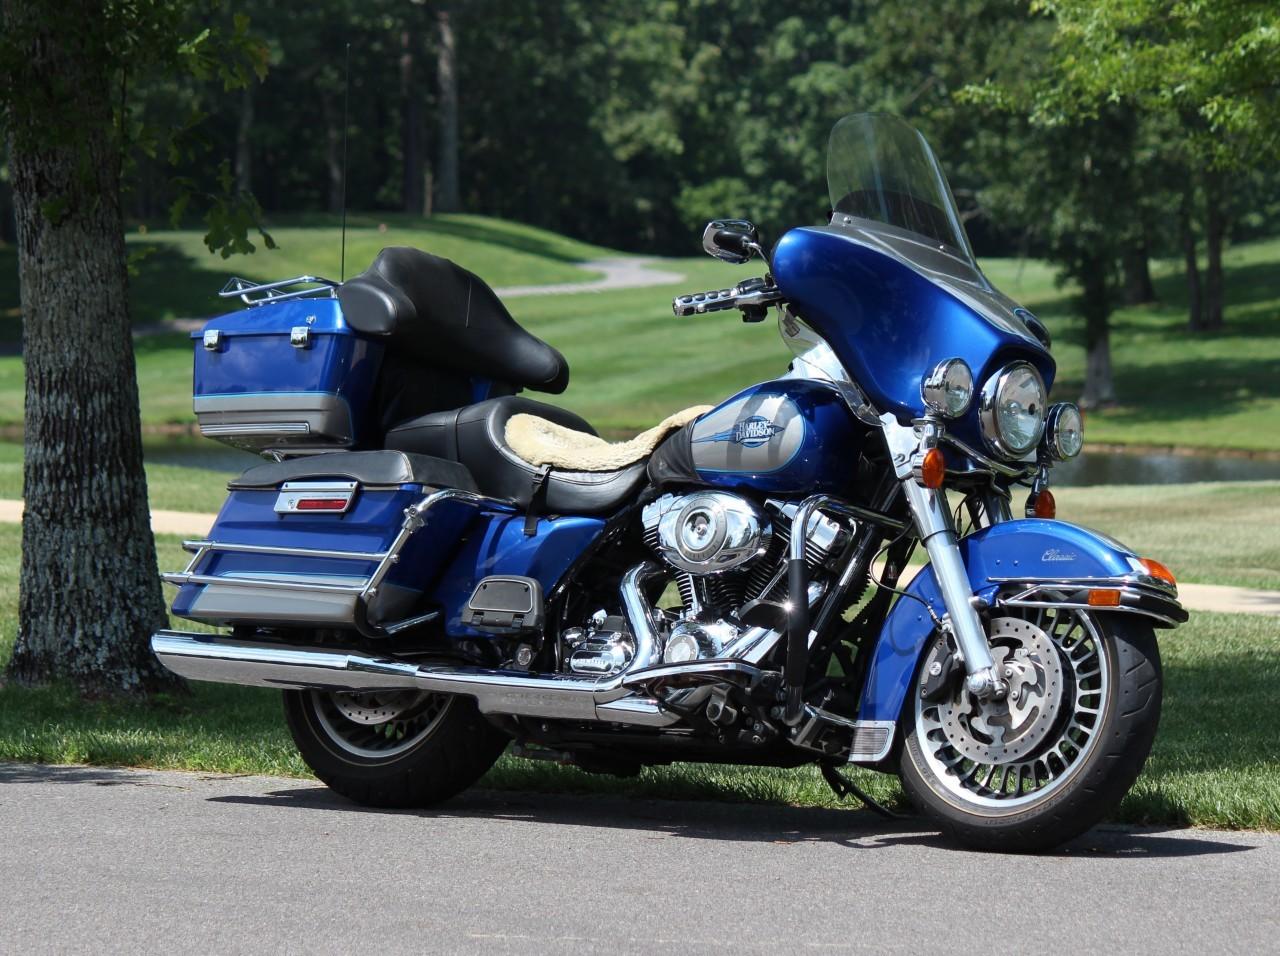 Harley-Davidson For Sale - Harley-Davidson Motorcycles